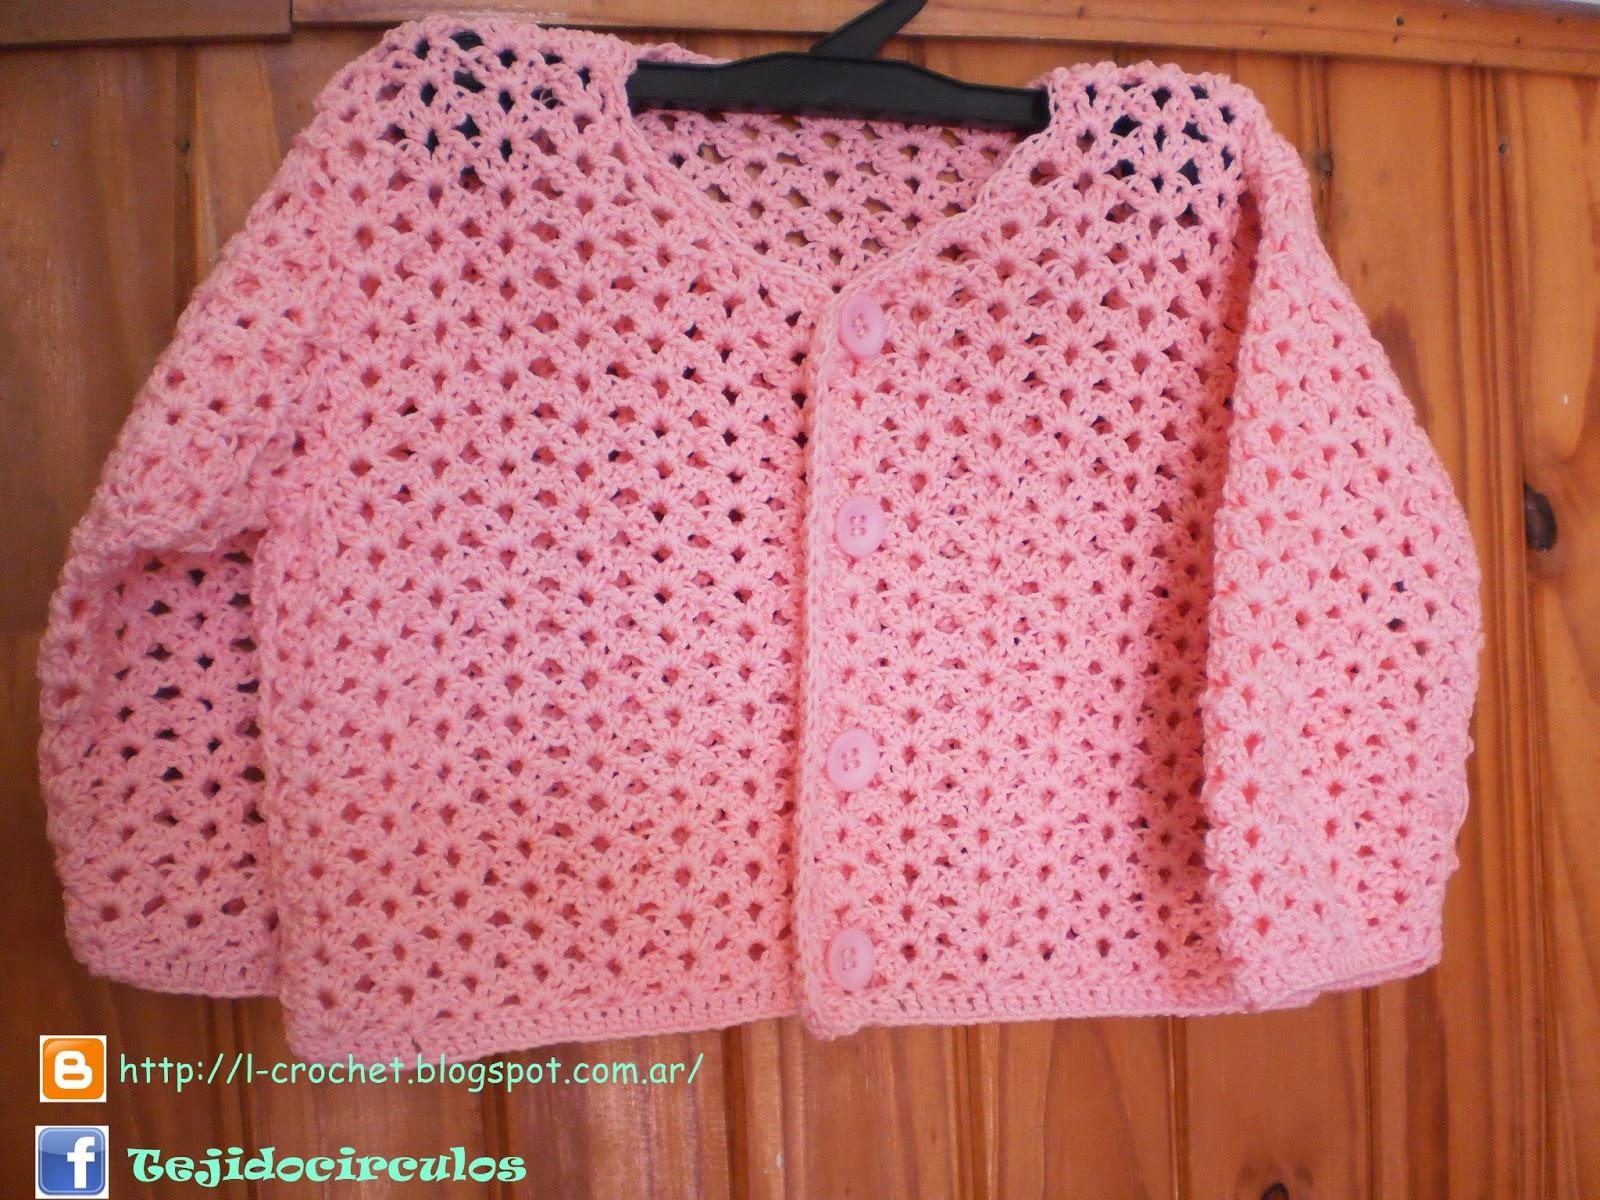 Camperitas/ saquito para bebé 8-12 meses tejidos al crochet en hilado ...